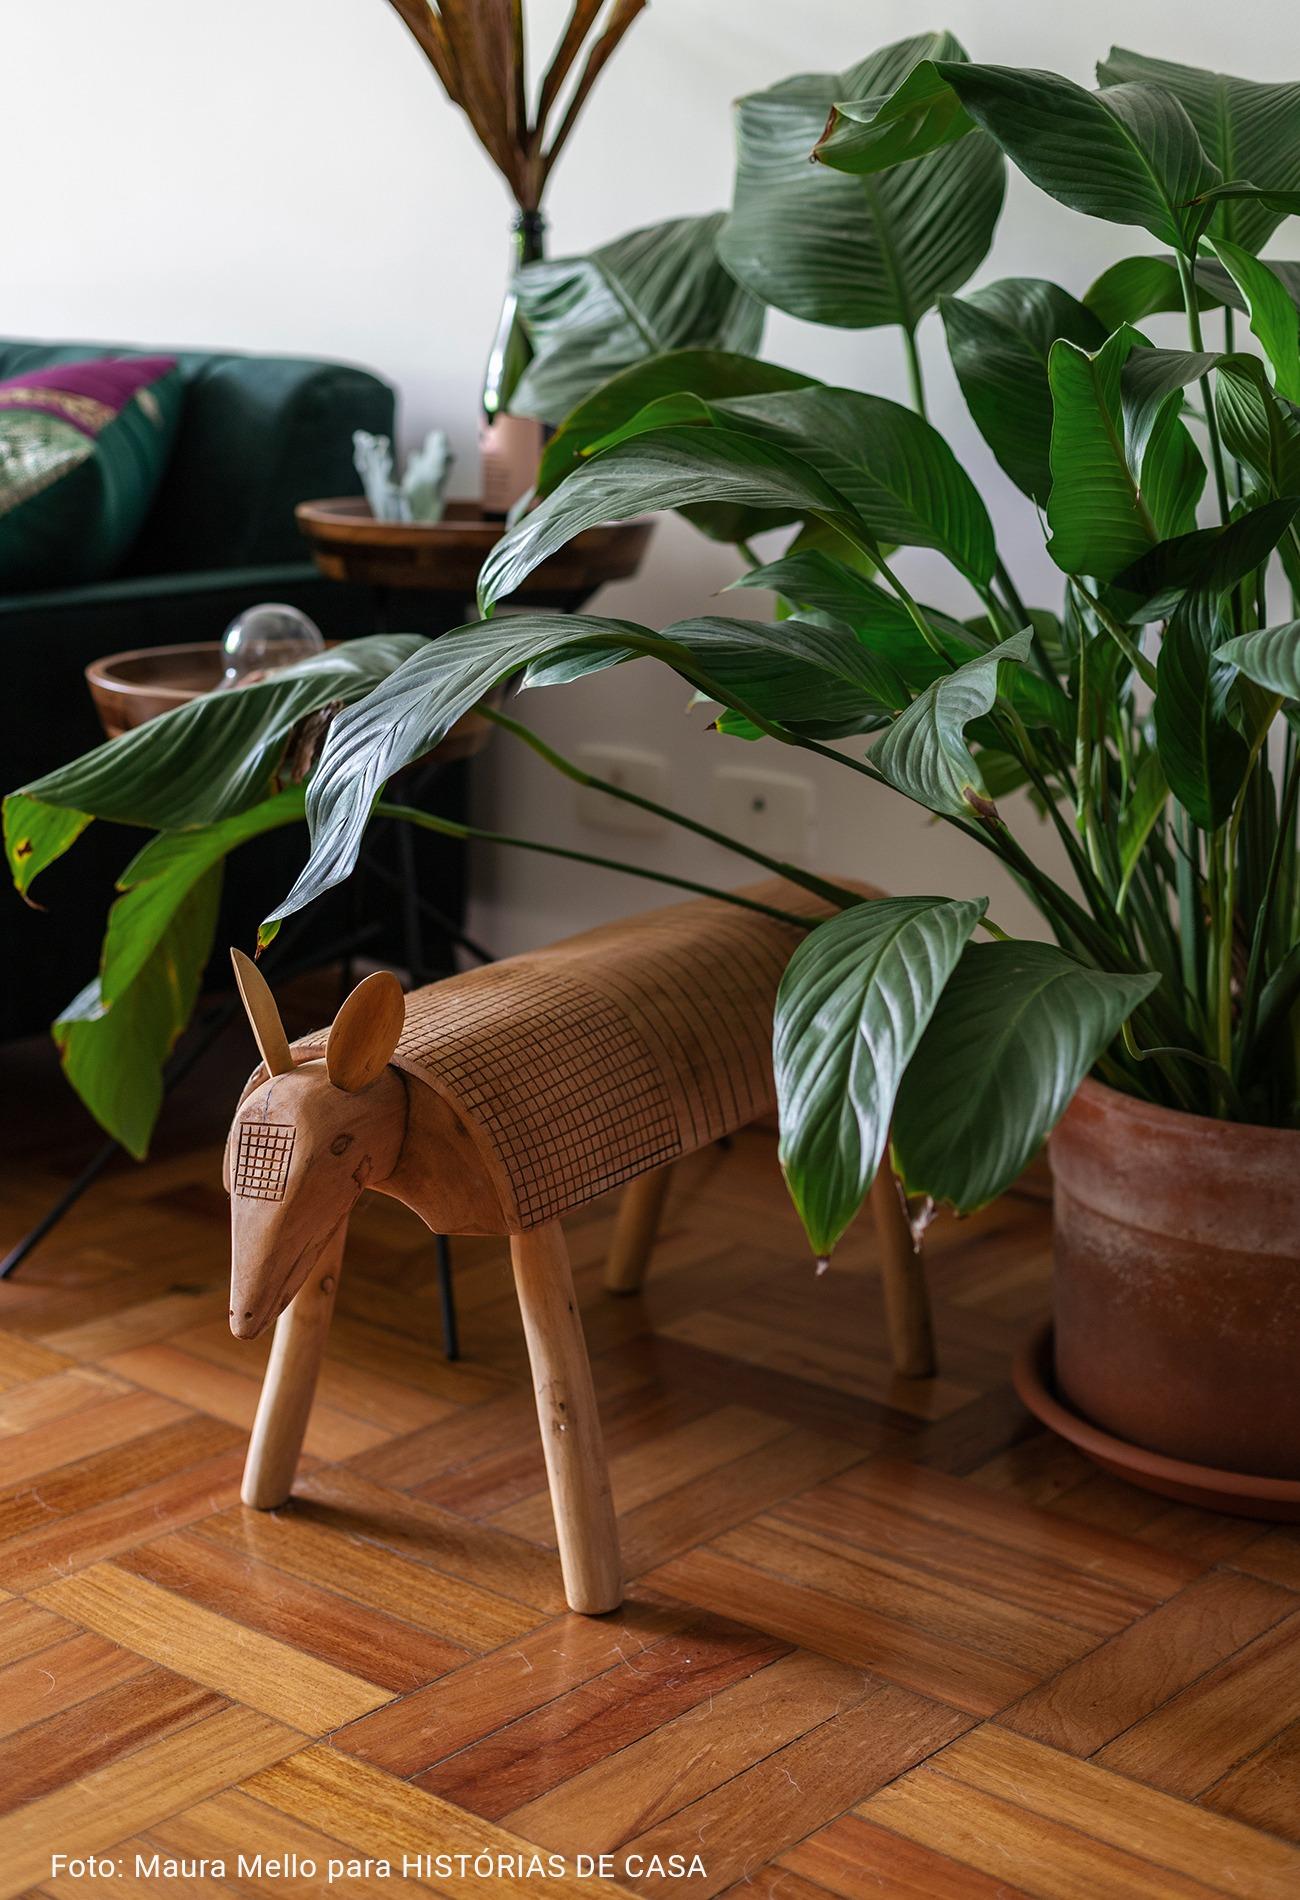 artesanato brasileiro e planta